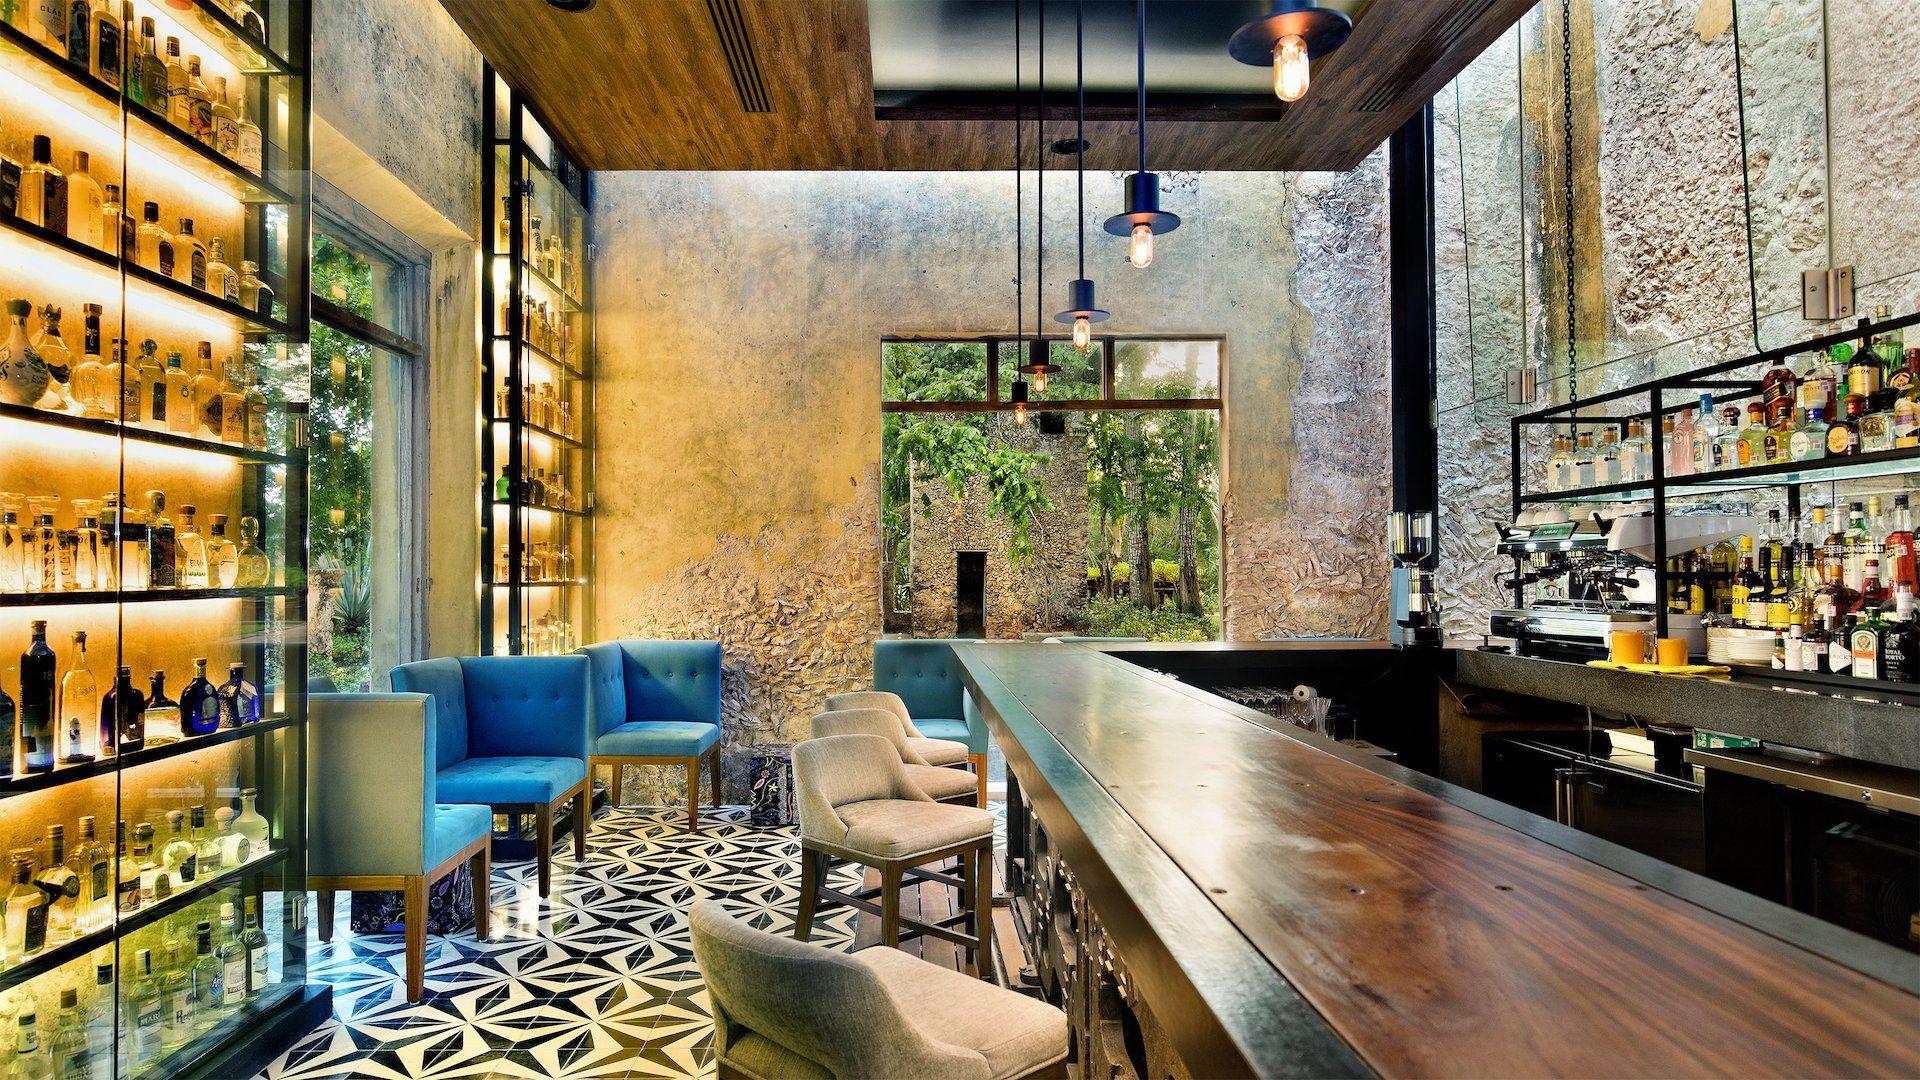 Así es Ixi'im, el restaurante más hermoso del mundo: imágenes